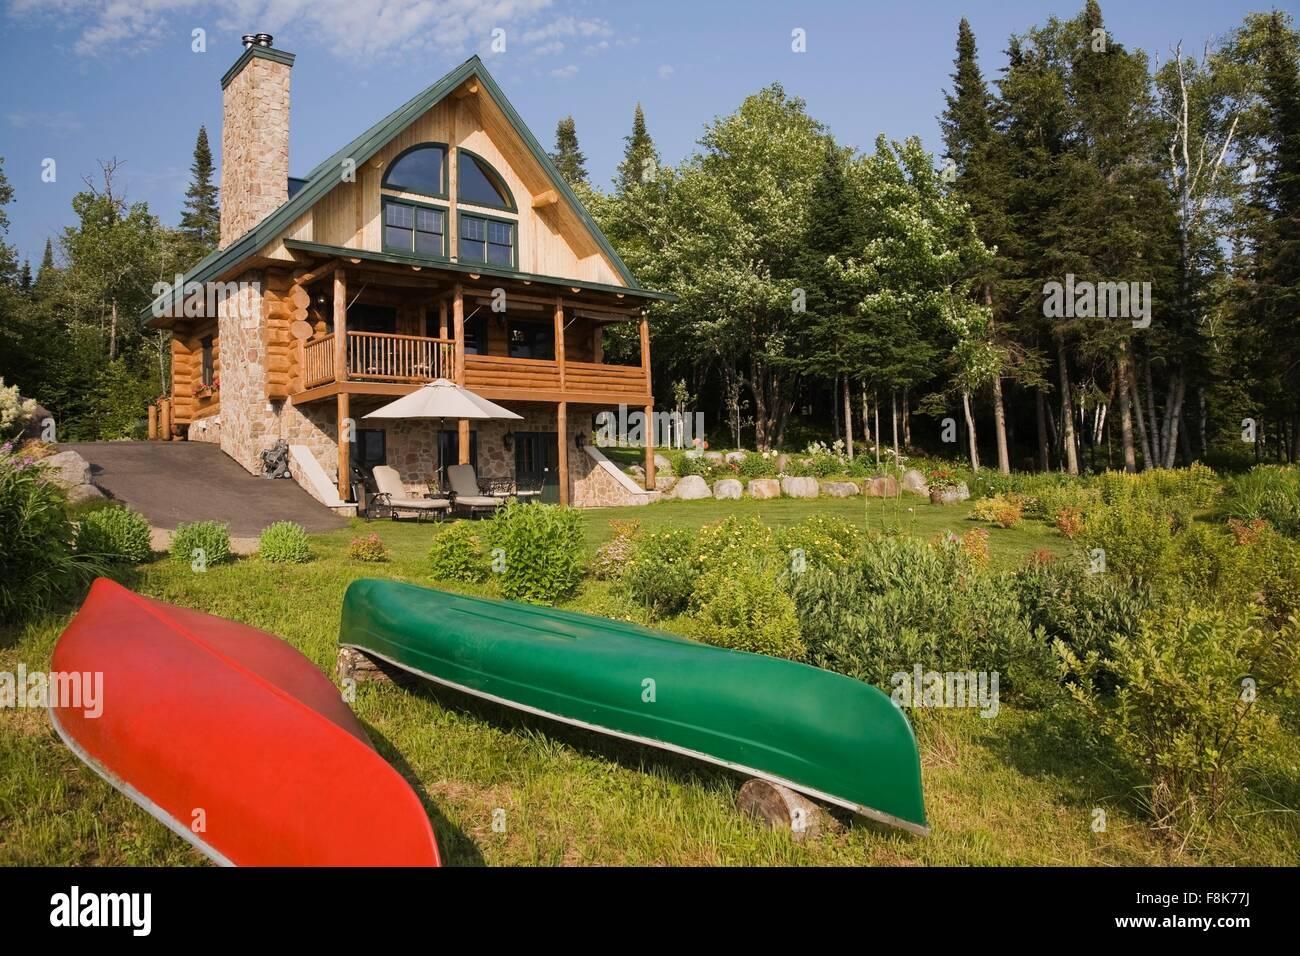 Handgefertigte Fichte Blockhaus Mit Feldsteinen Kamin Und Grün Metalldach  Im Sommer, Quebec, Kanada